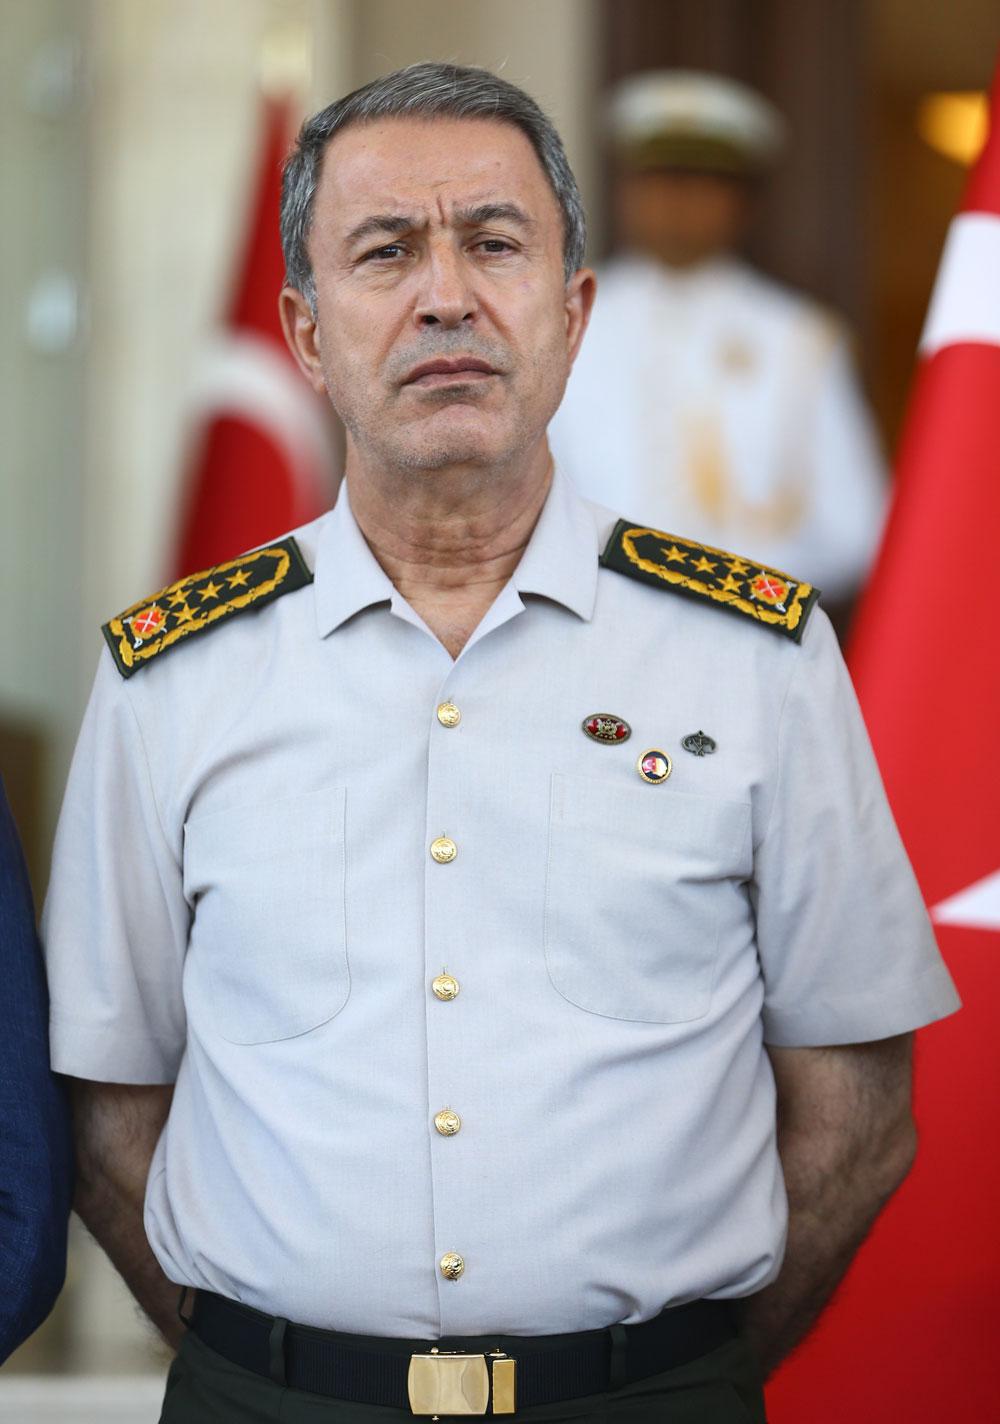 رئيس الأركان التركية يتفقد وحدات عسكرية على الحدود الجنوبية